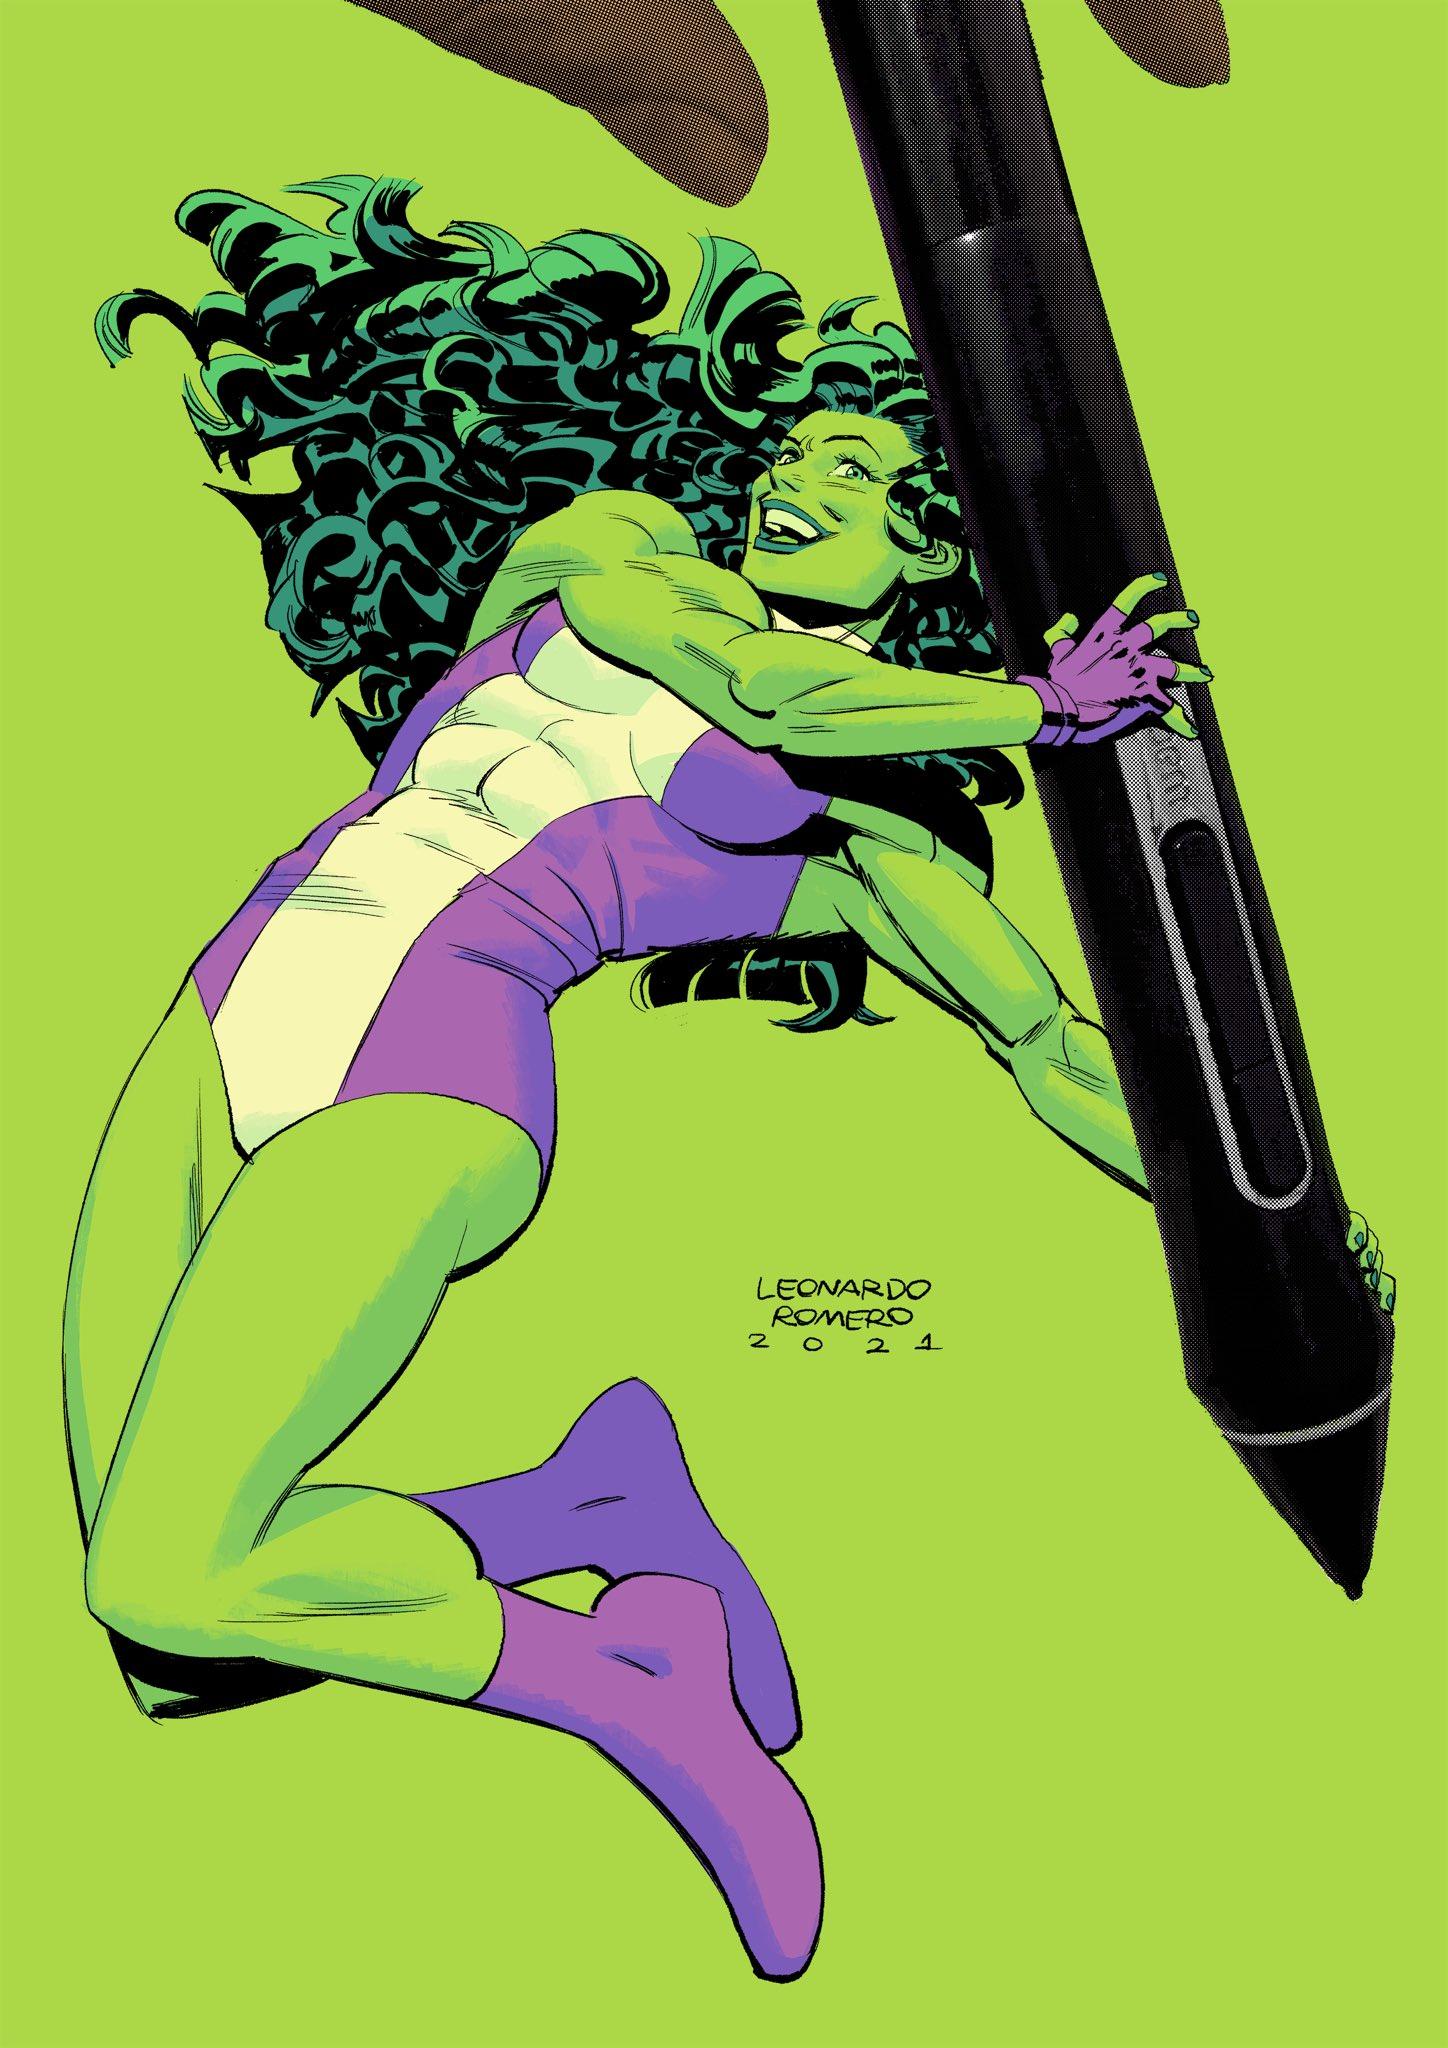 A incrível arte da Marvel por Leonardo Romero